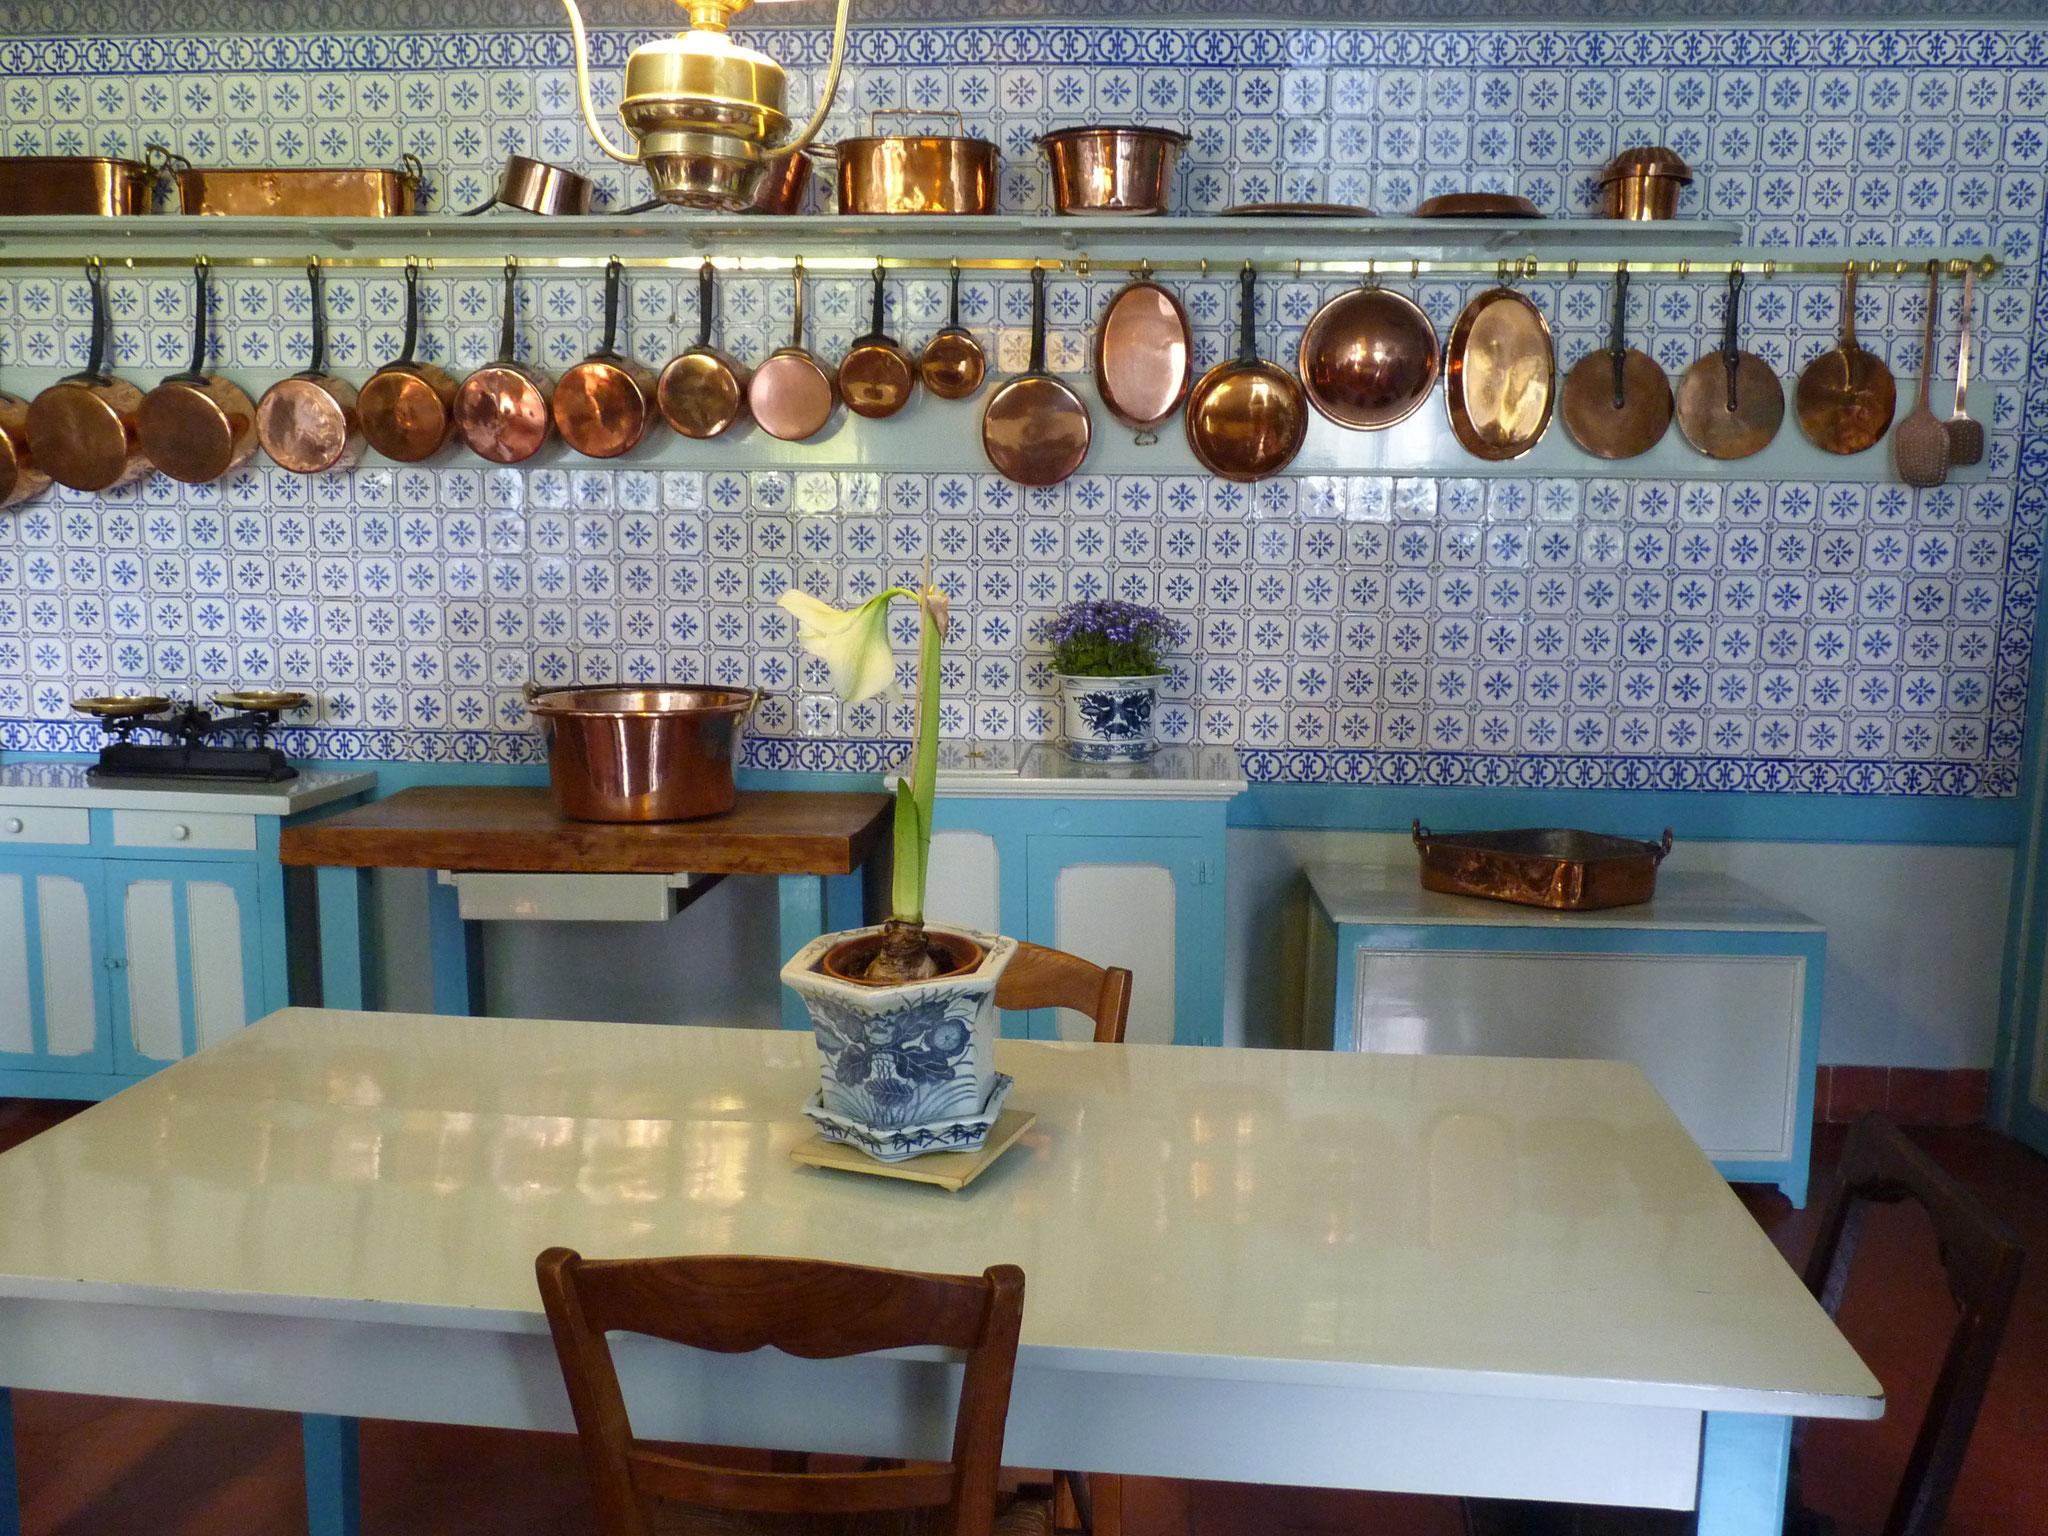 Cuisine Maison Monet